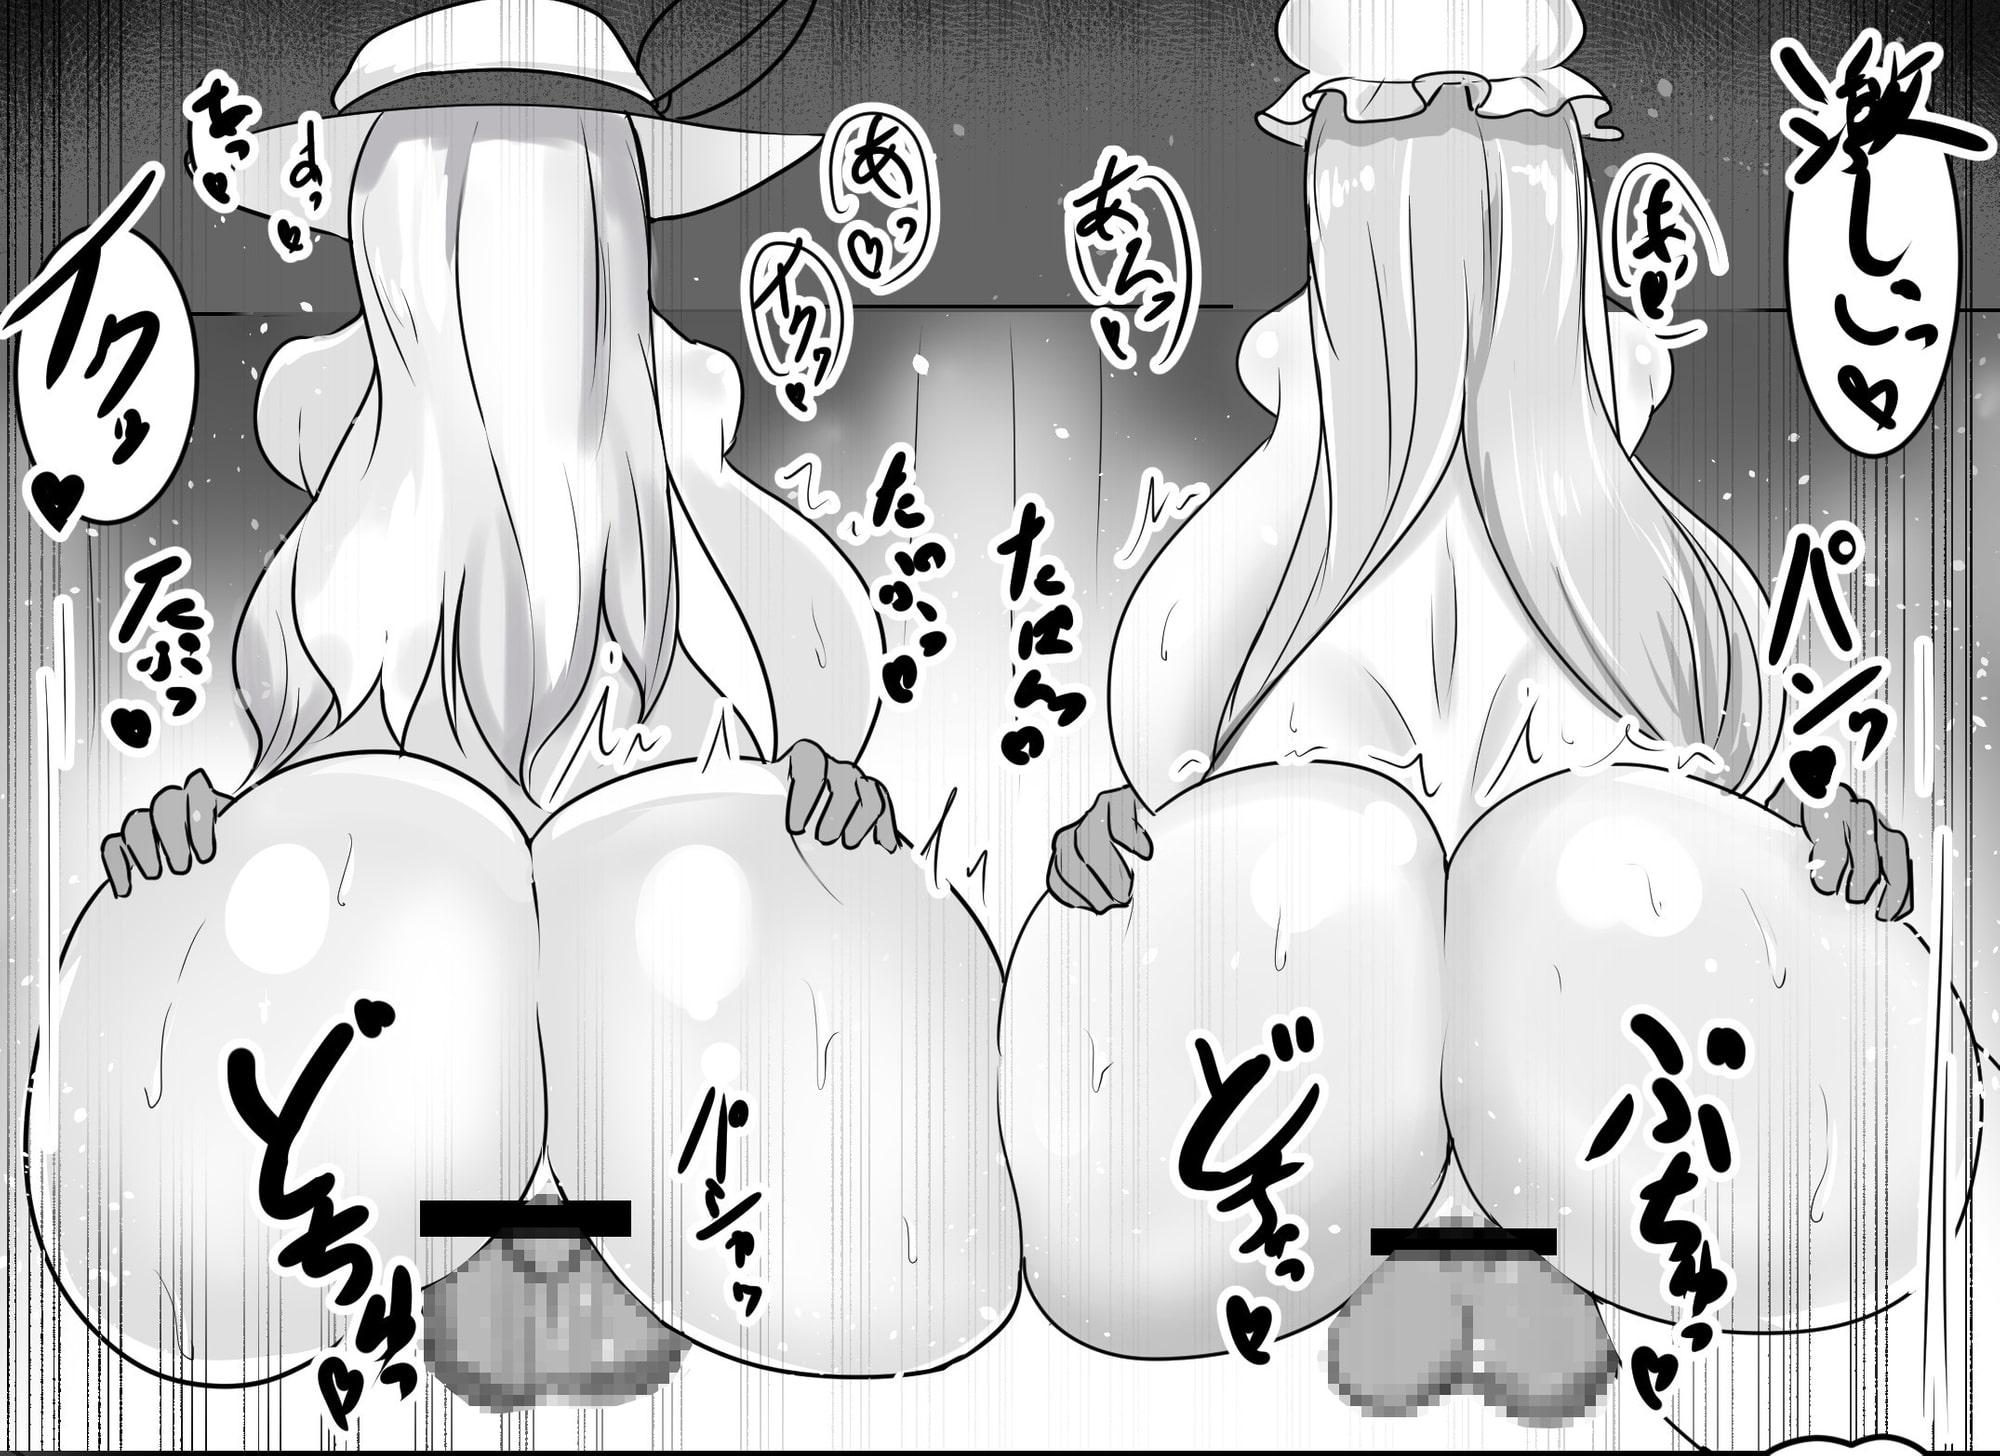 月と地上の雌乳 男湯編